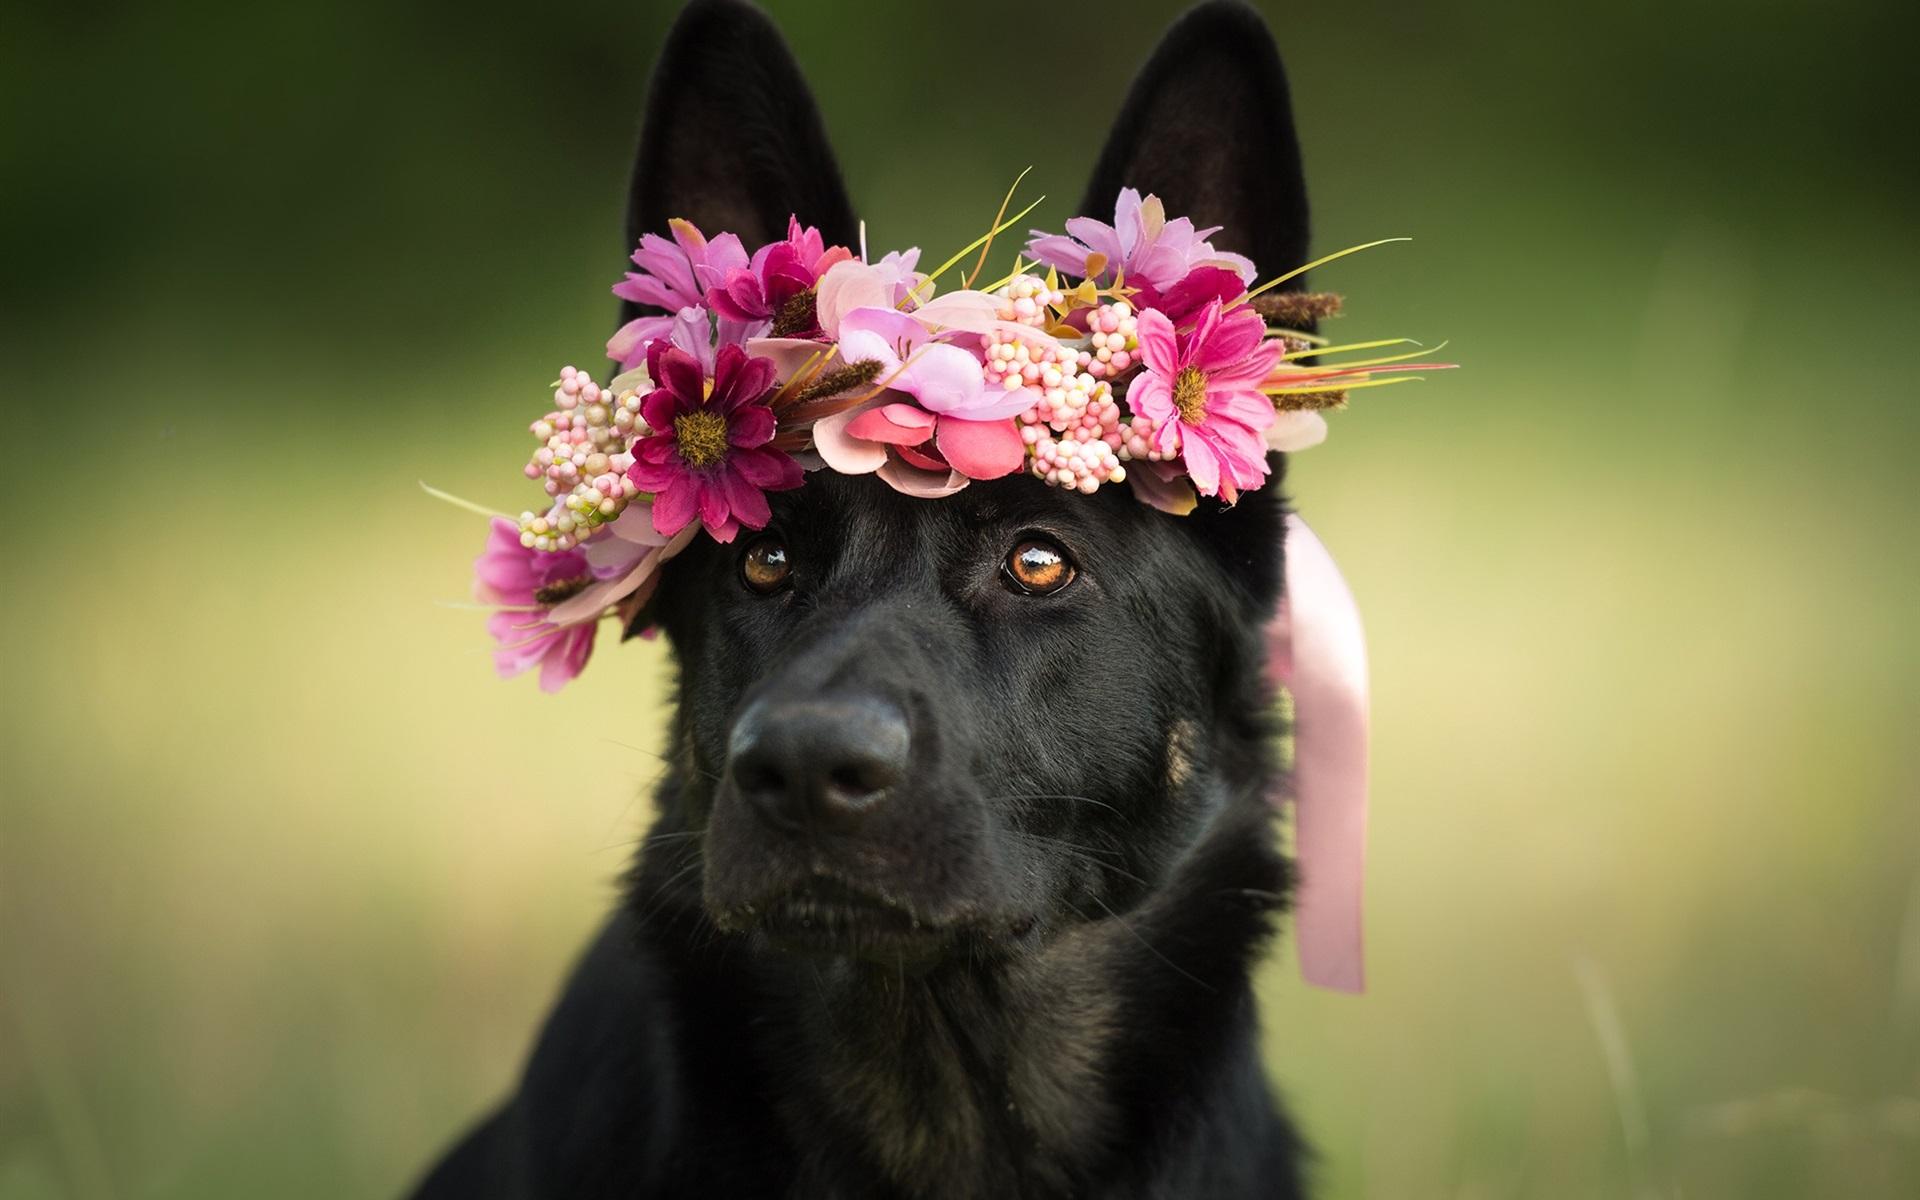 Картинки животных с цветами в зубах фото, радугой картинка для